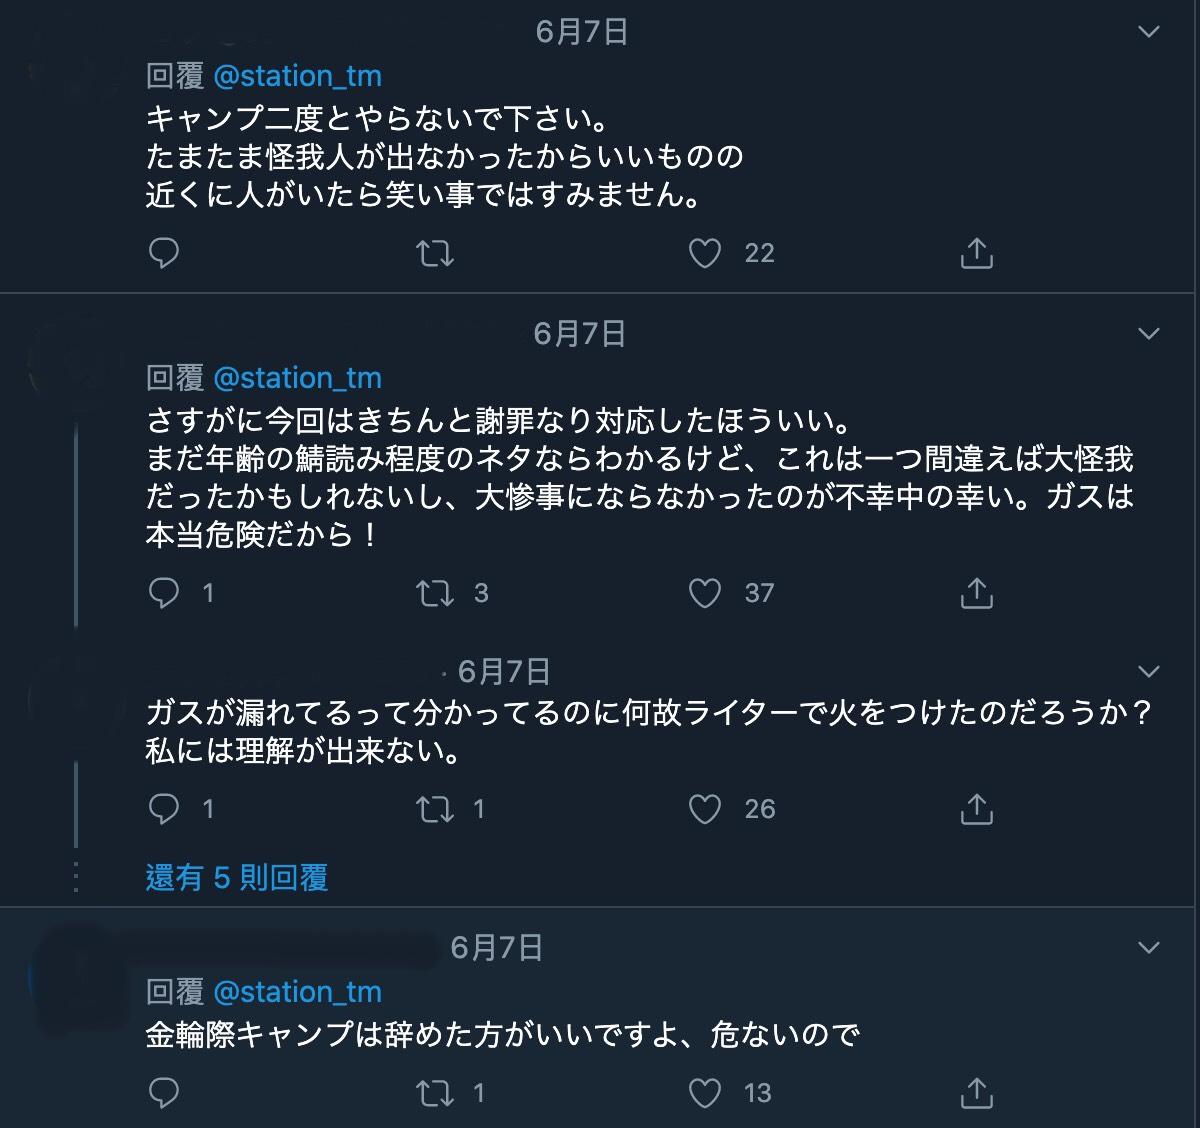 日本有一位正妹直播主小幡友美,為了慶祝直播次數已達「500」次,於是在公園裡舉辦單人露營吃播,結果因操作瓦斯罐不慎引發大爆炸。